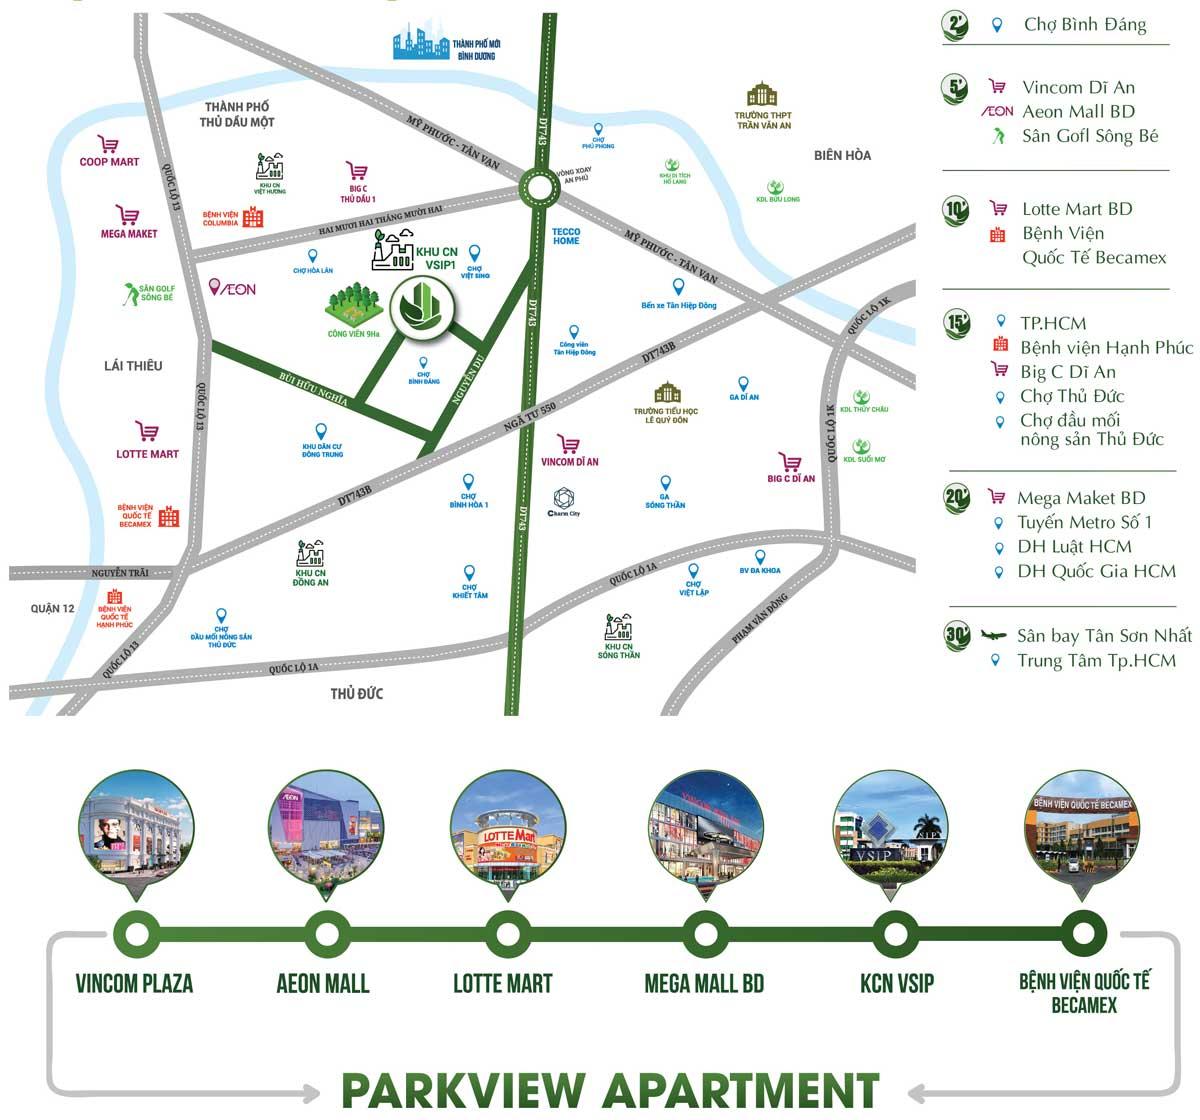 vi tri du an can ho parkview apartment - PARKVIEW APARTMENT BÌNH DƯƠNG